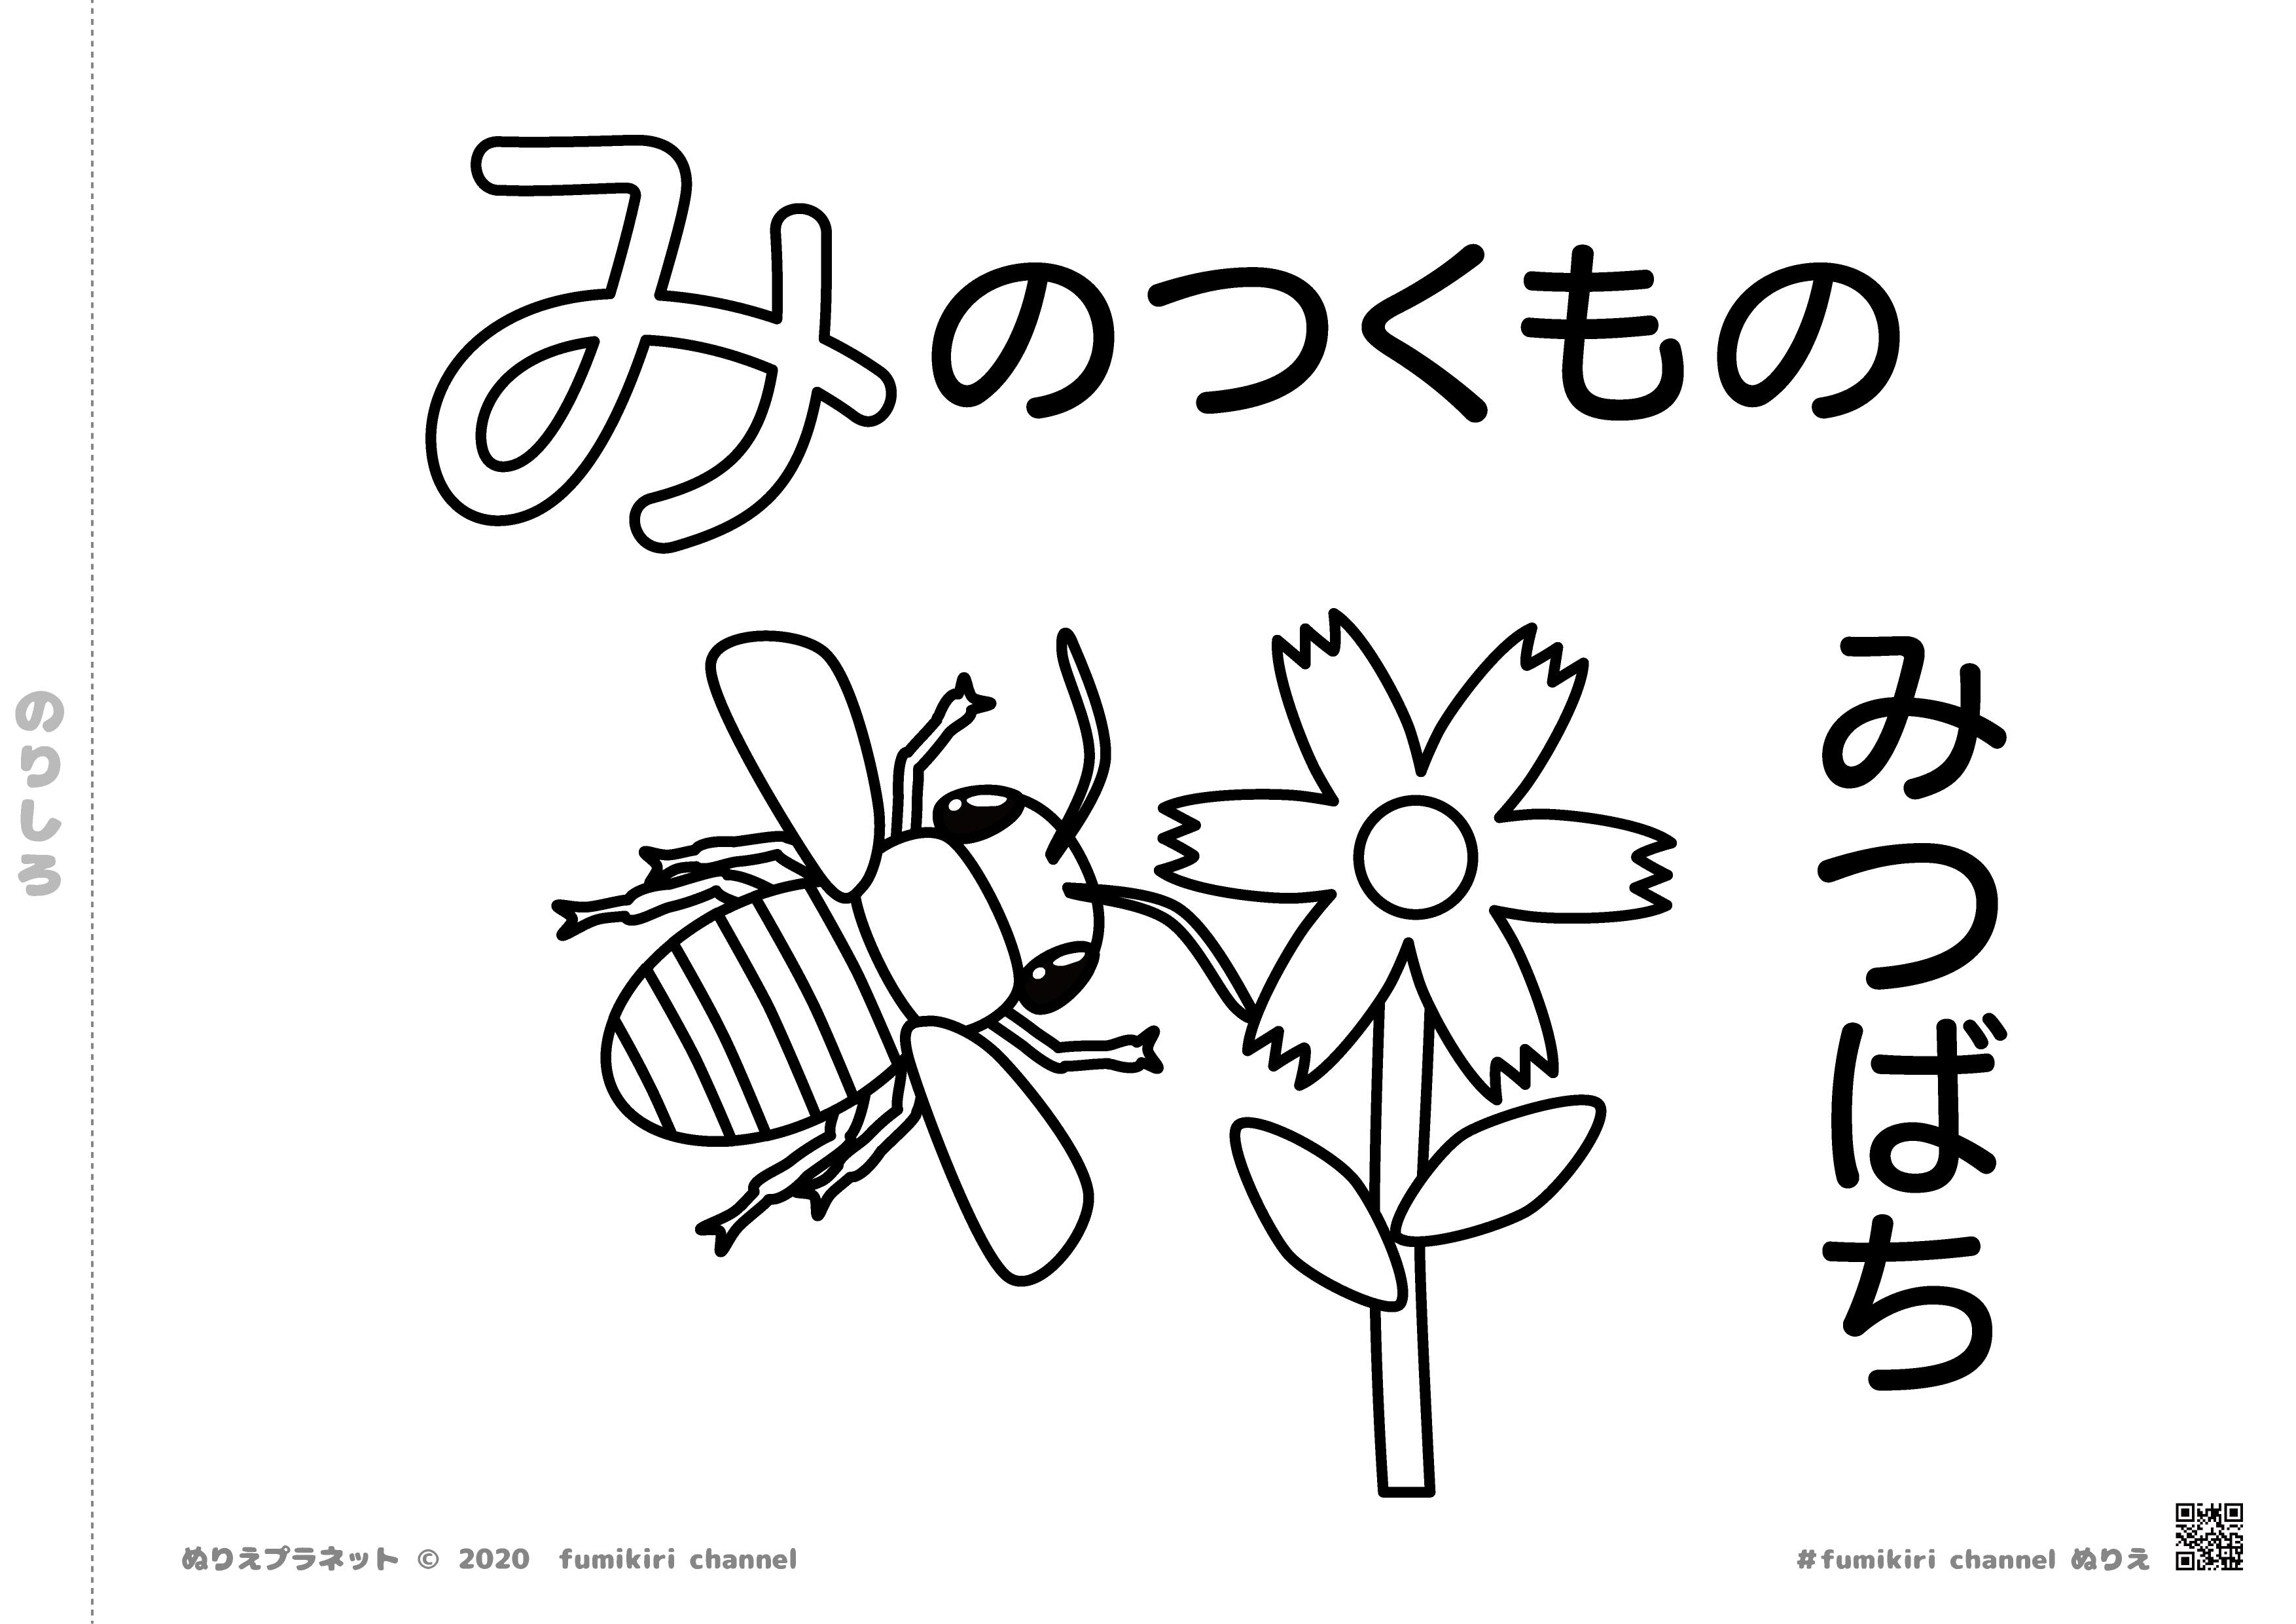 春になると活動をはじめるミツバチとお花の塗り絵です。